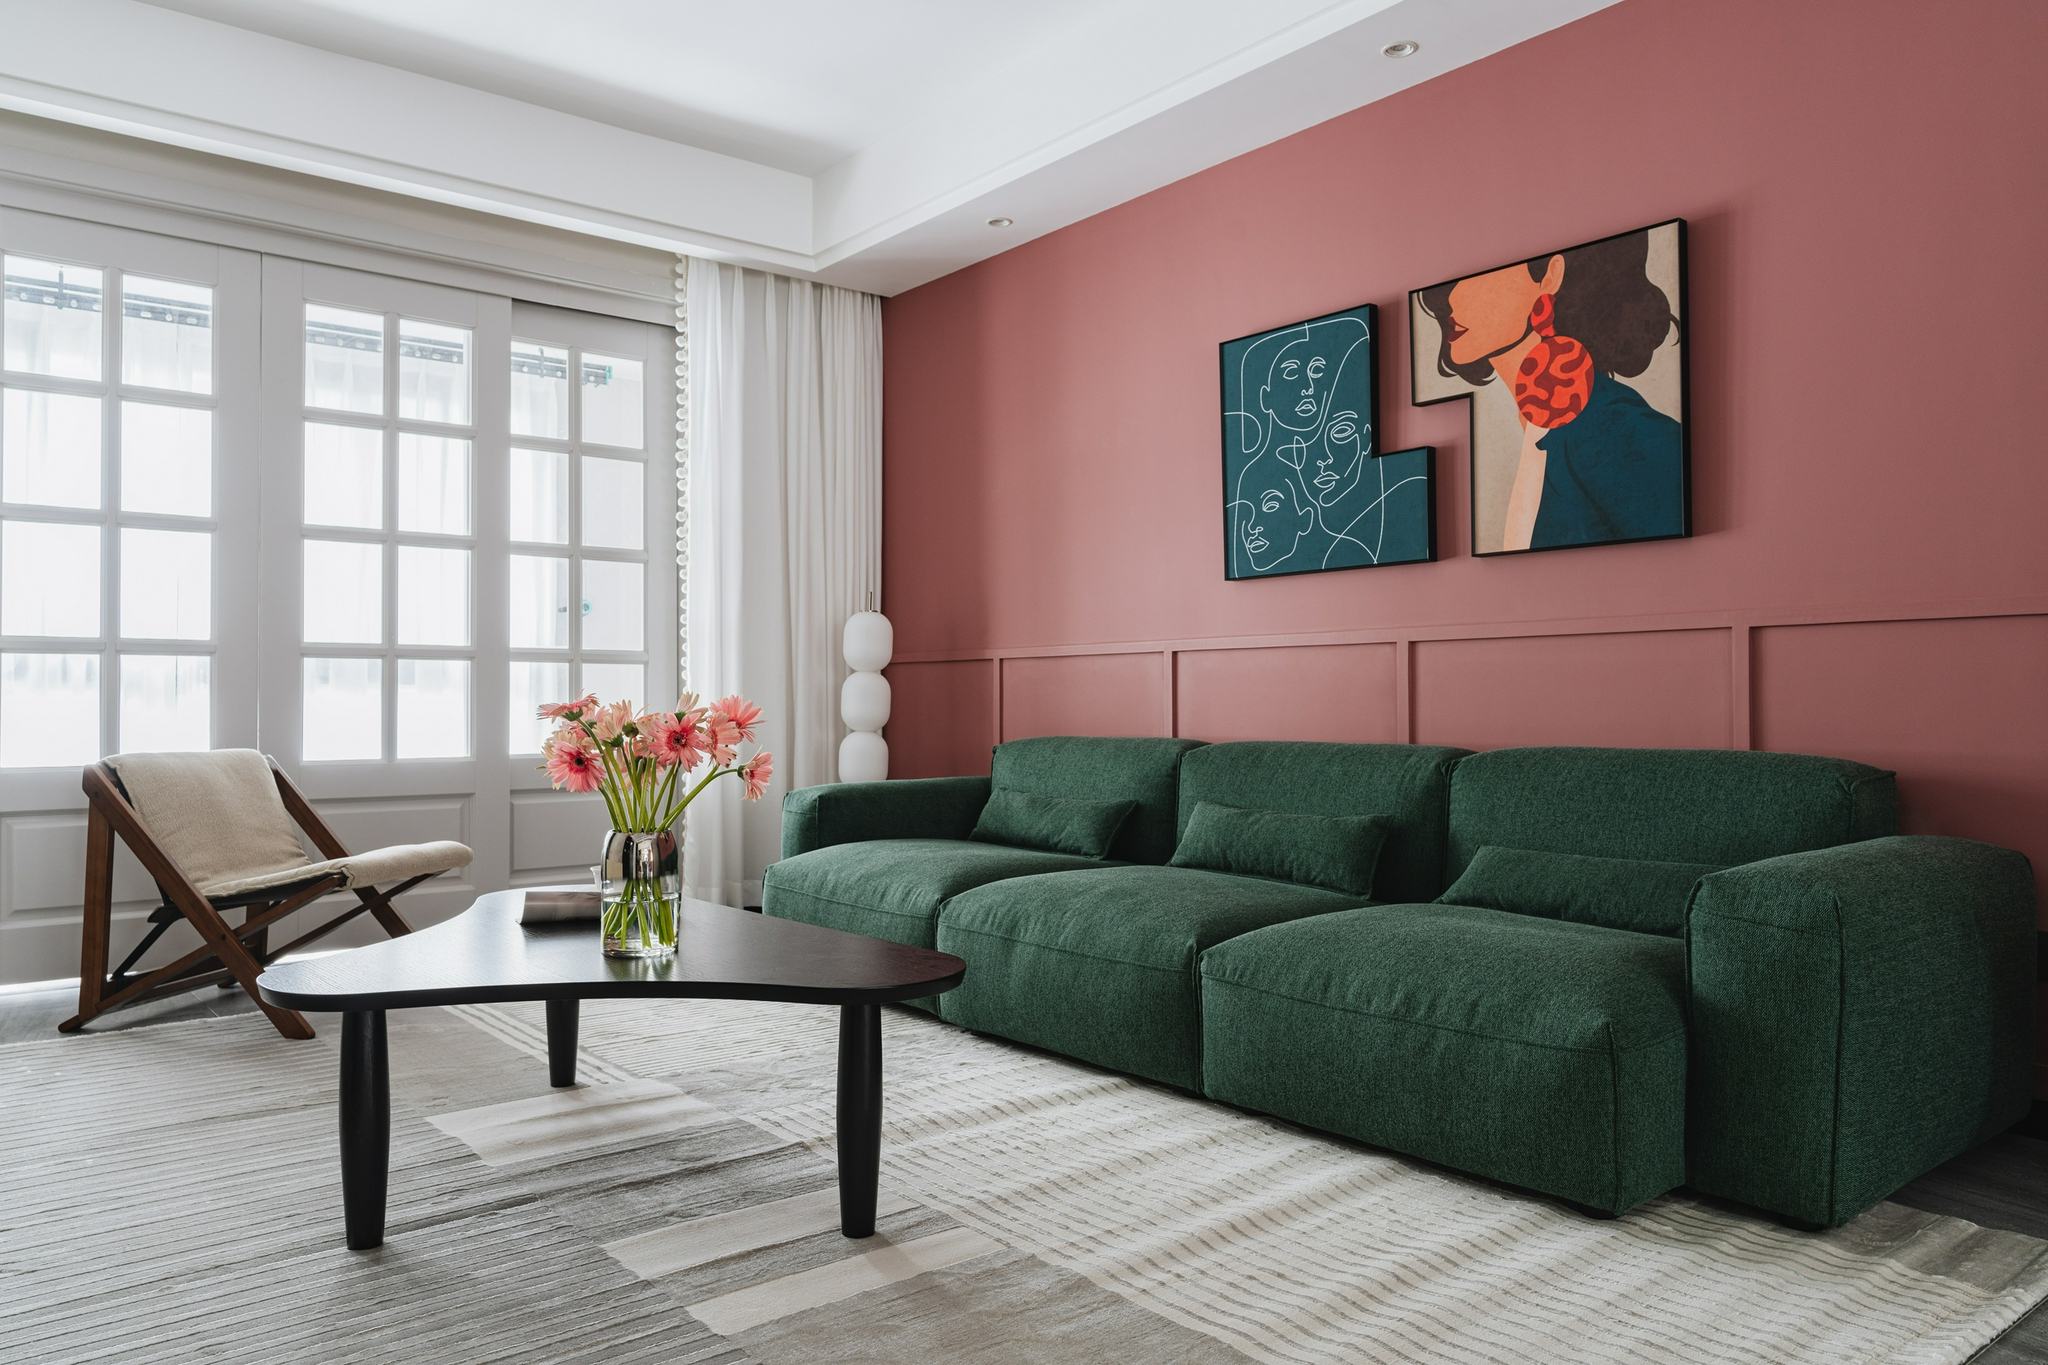 秦珊珊作品:一家三口128㎡复古家,红绿撞色风格混搭,浪漫且甜